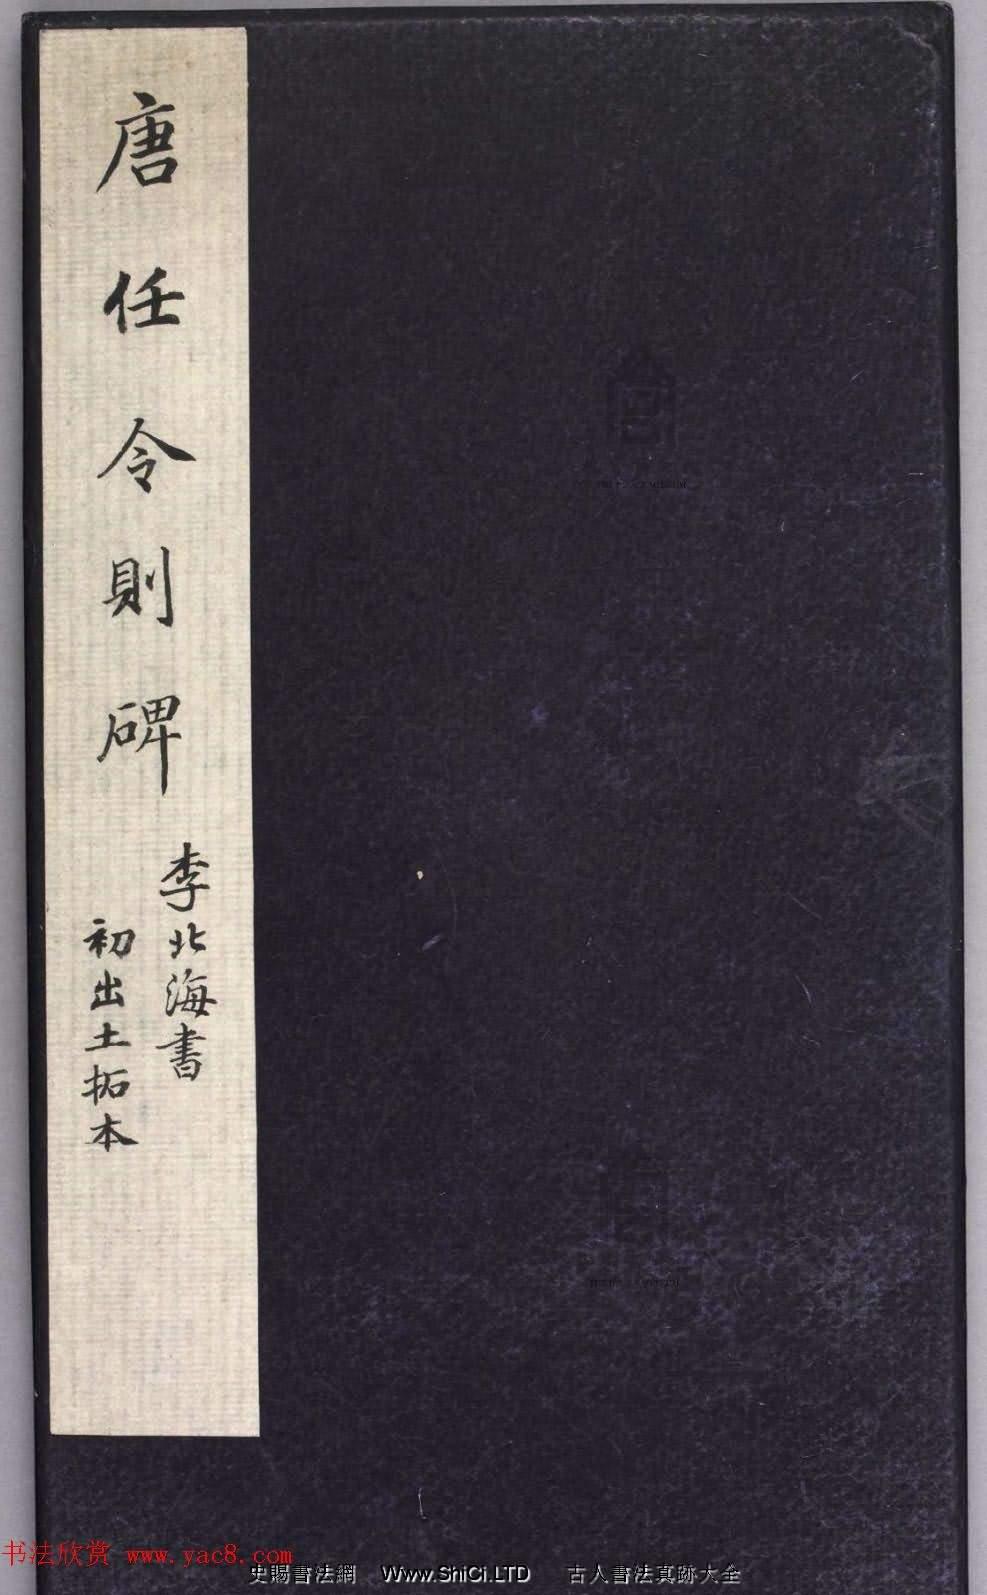 李邕書法拓本字帖《李北海書唐任令則碑》(共20張圖片)